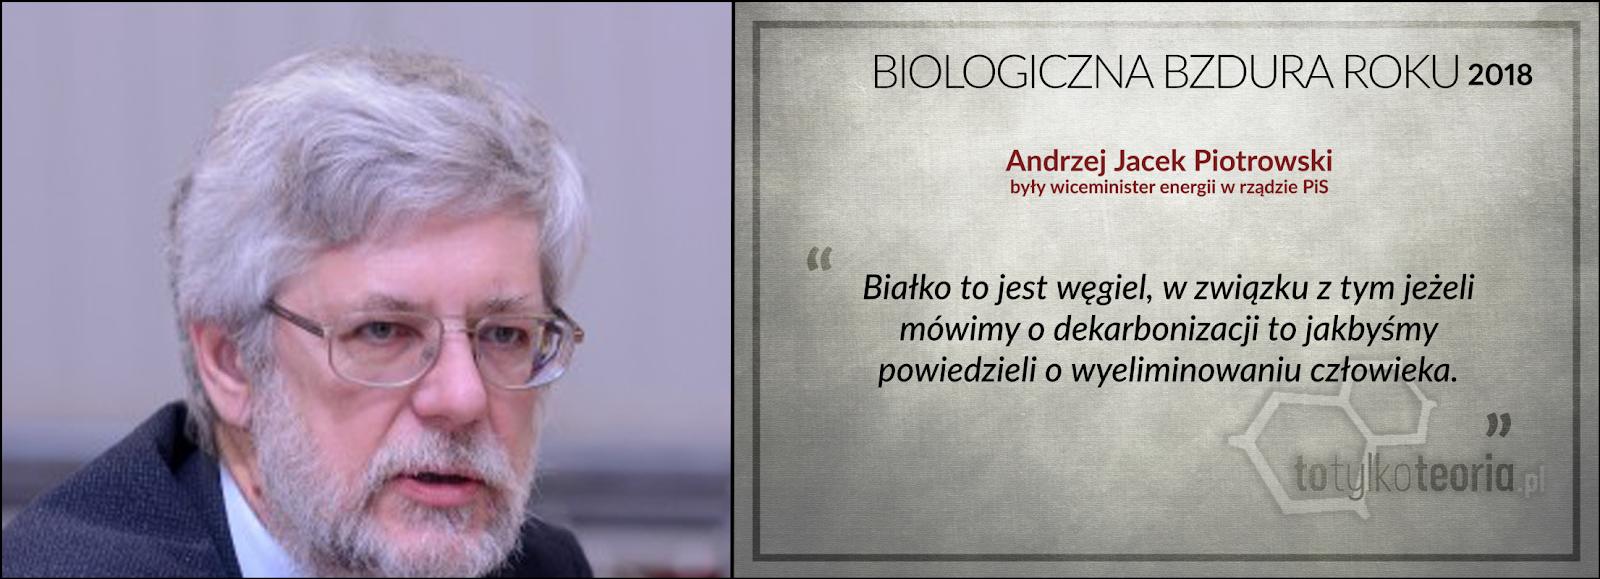 Andrzej Jacek Piotrowski wiceminister Biologiczna Bzdura Roku 2018 węgiel białko